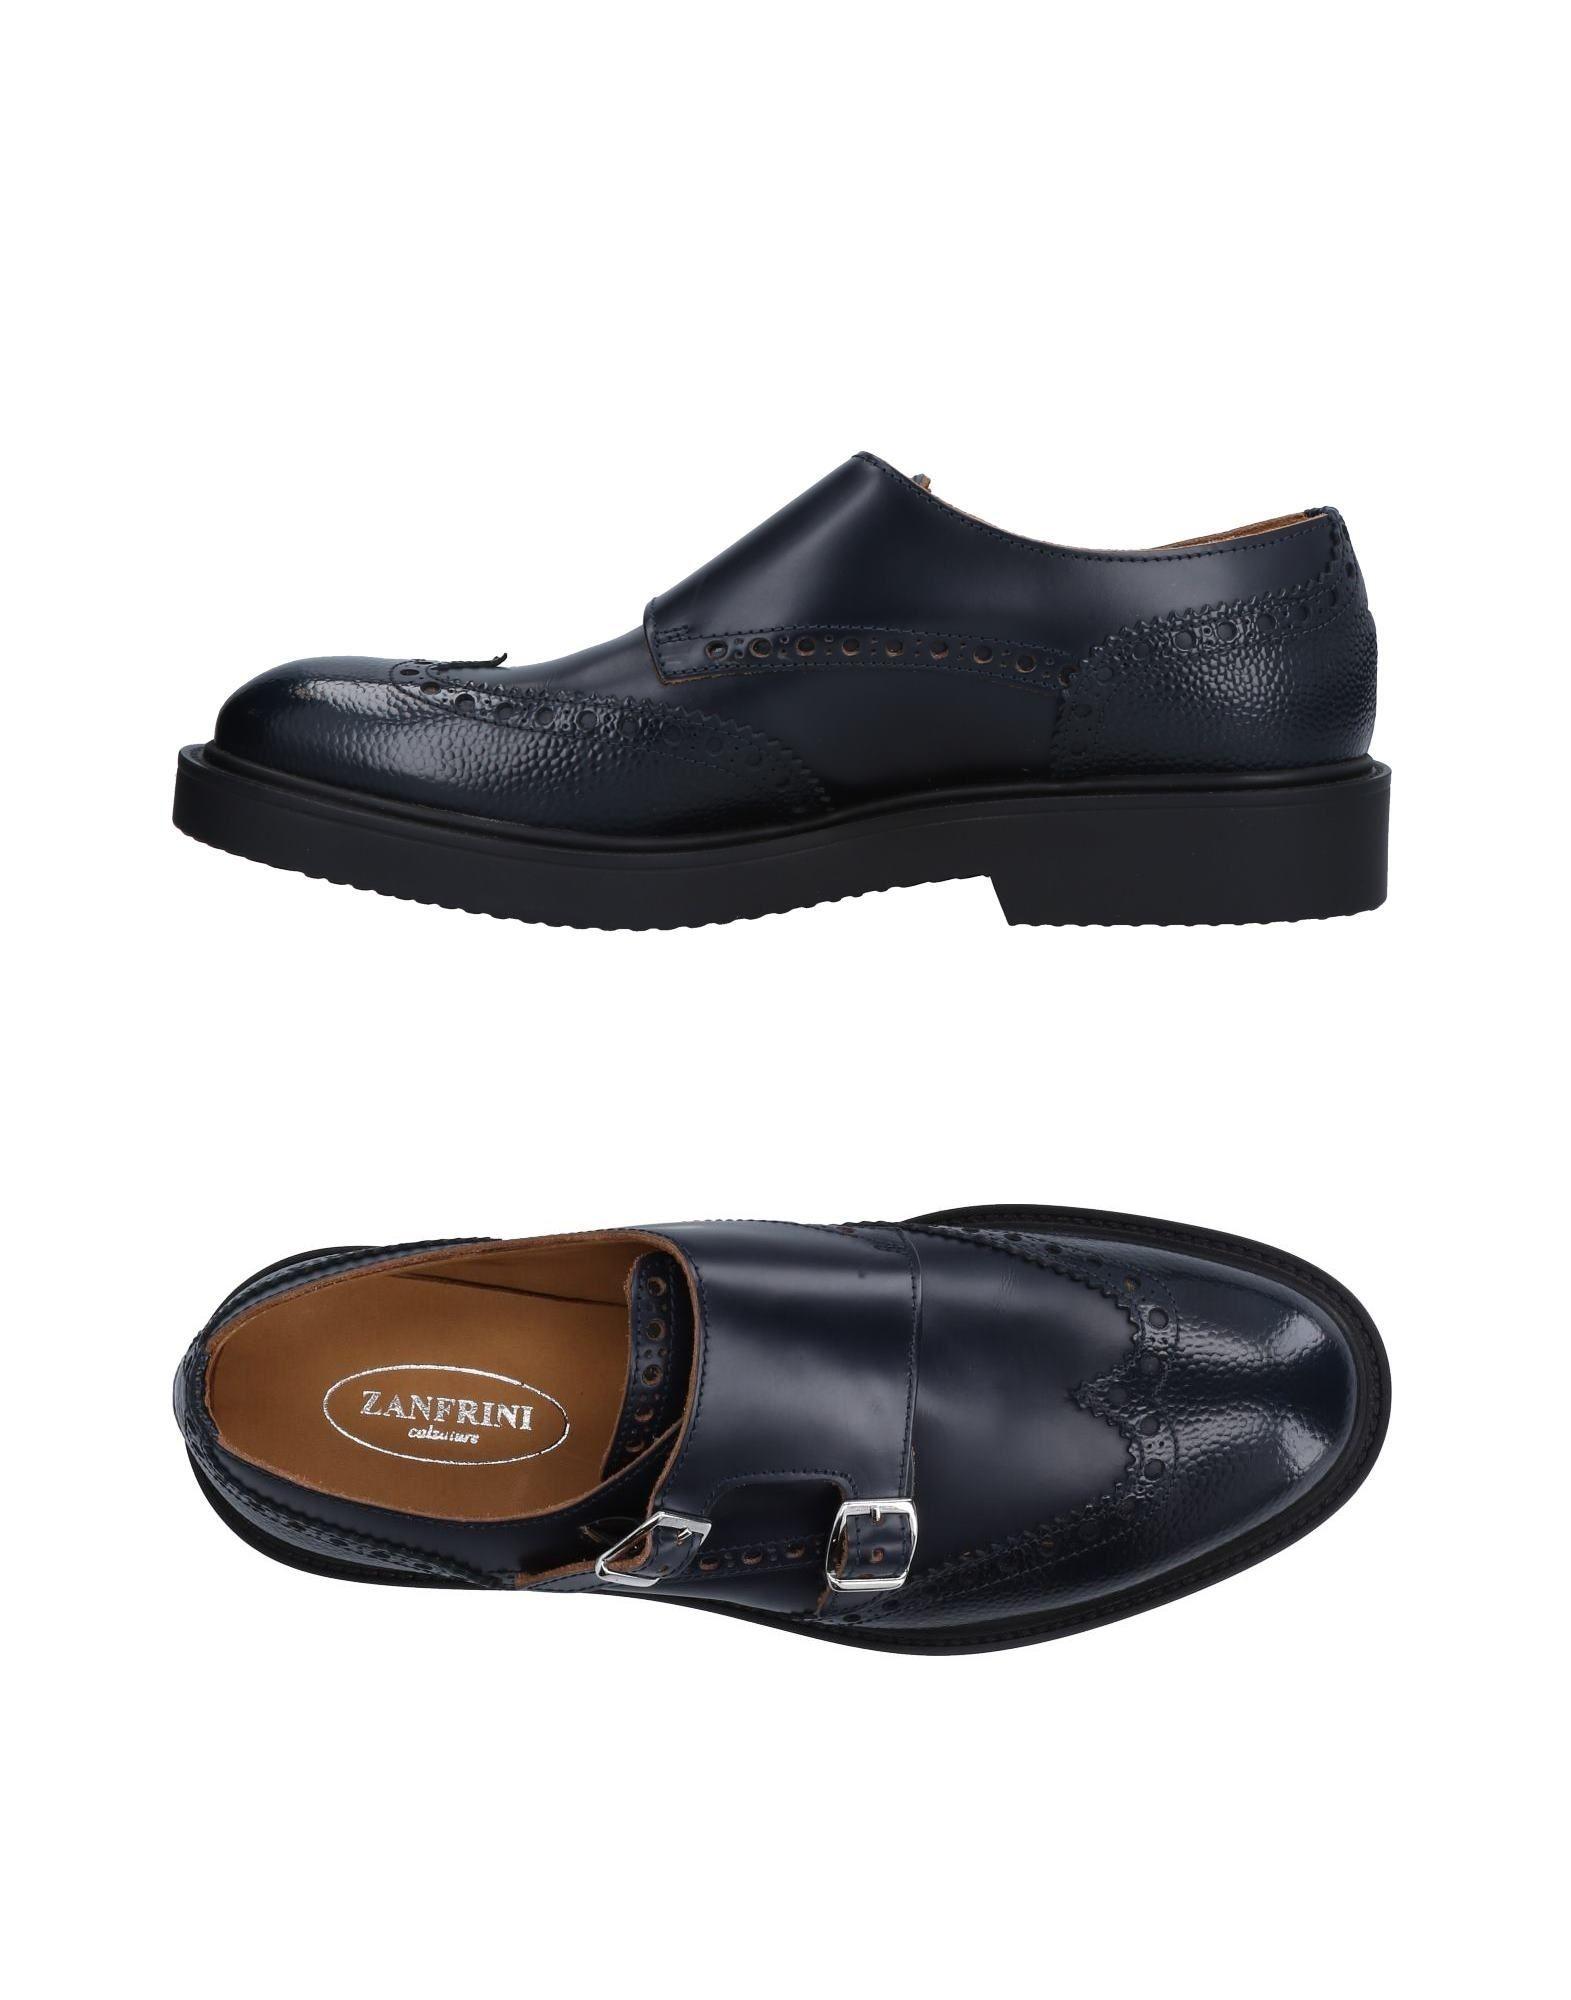 Rabatt echte Herren Schuhe Zanfrini Cantù Mokassins Herren echte 11518756IU cd6625